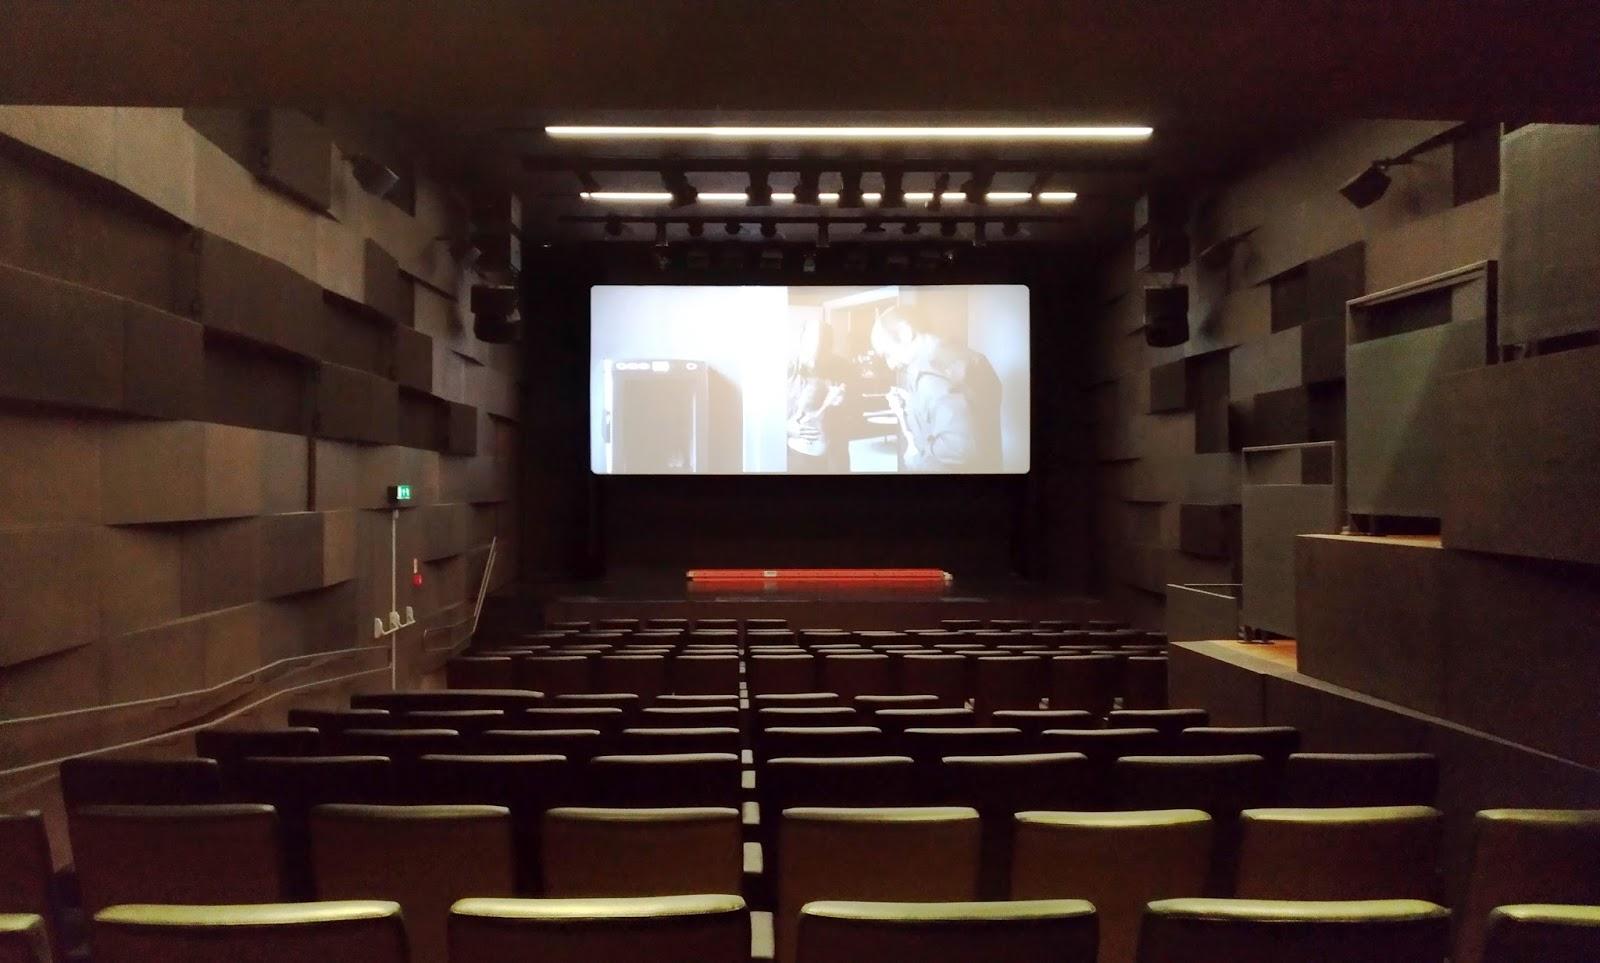 Salas de cinema de s o paulo outubro 2017 - Realizzare sala cinema in casa ...